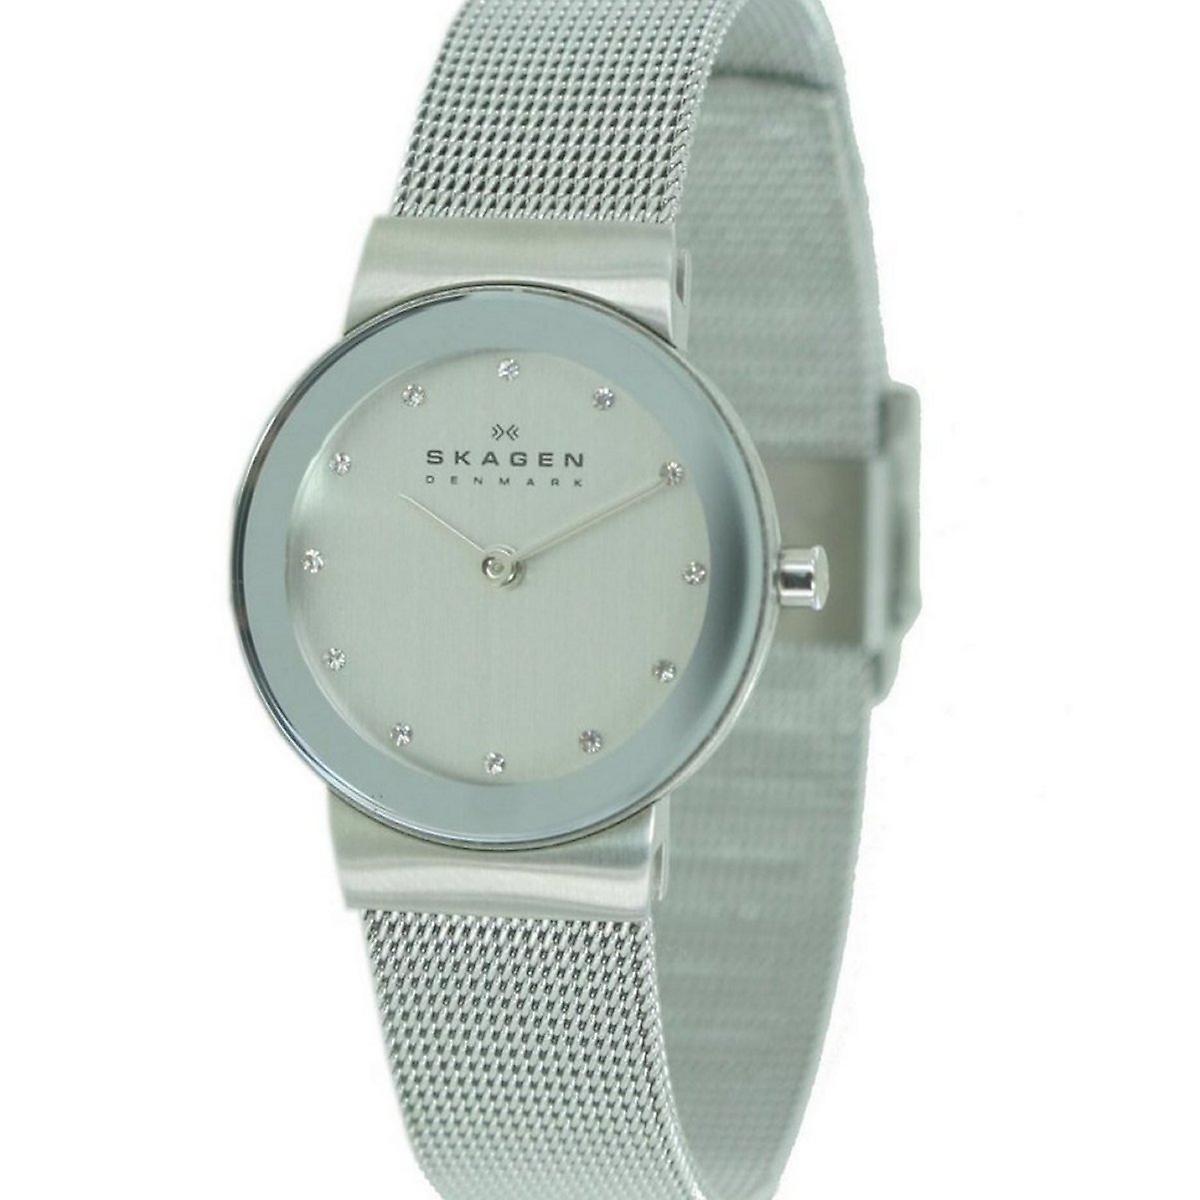 Skagen ladies watch wristwatch slimline stainless steel 358SSSD